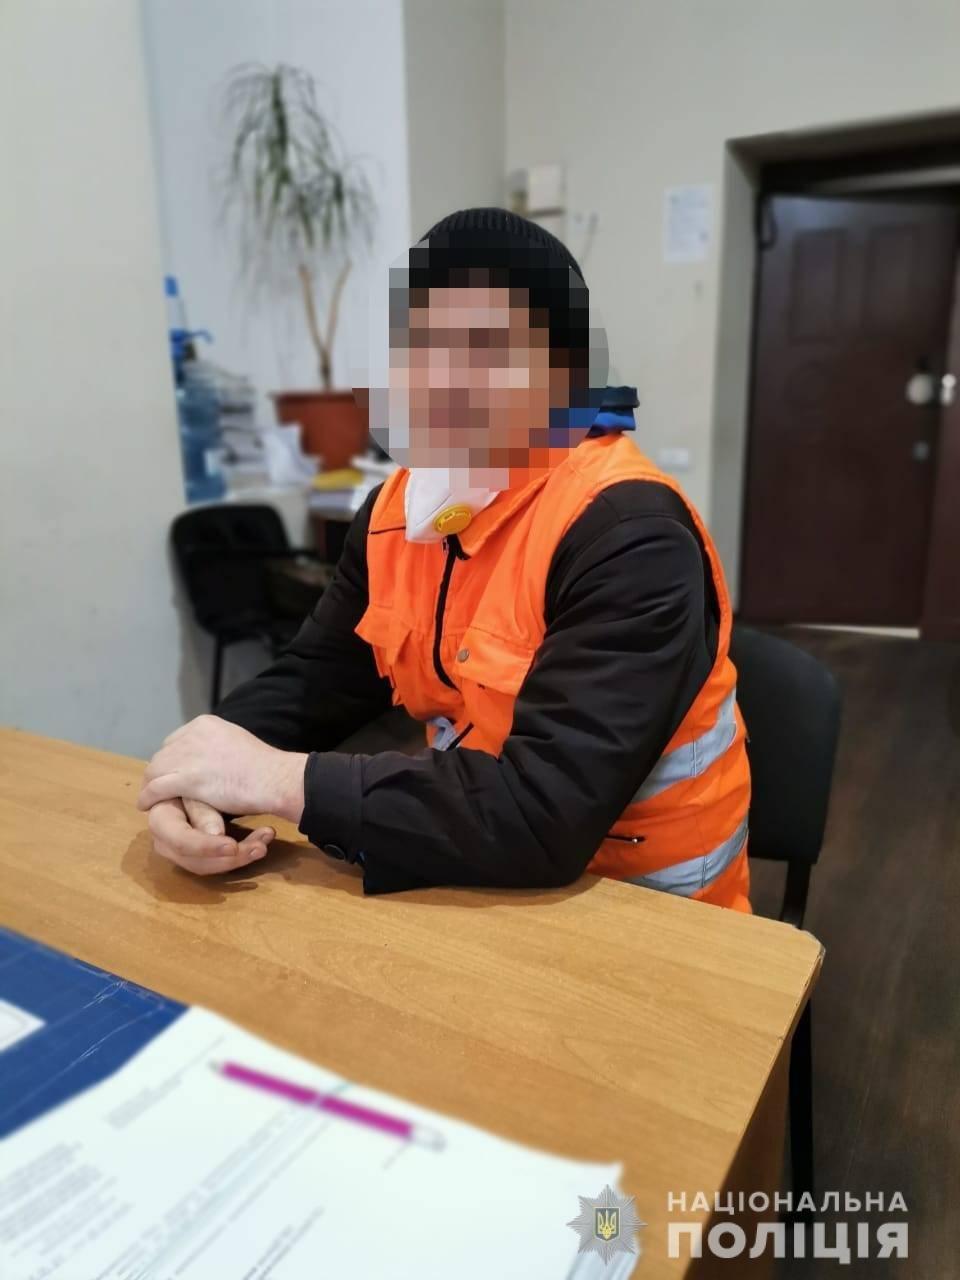 Был недоволен жизнью: в Одессе задержали мужчину, заминировавшего 5 предприятий, - ФОТО, фото-1